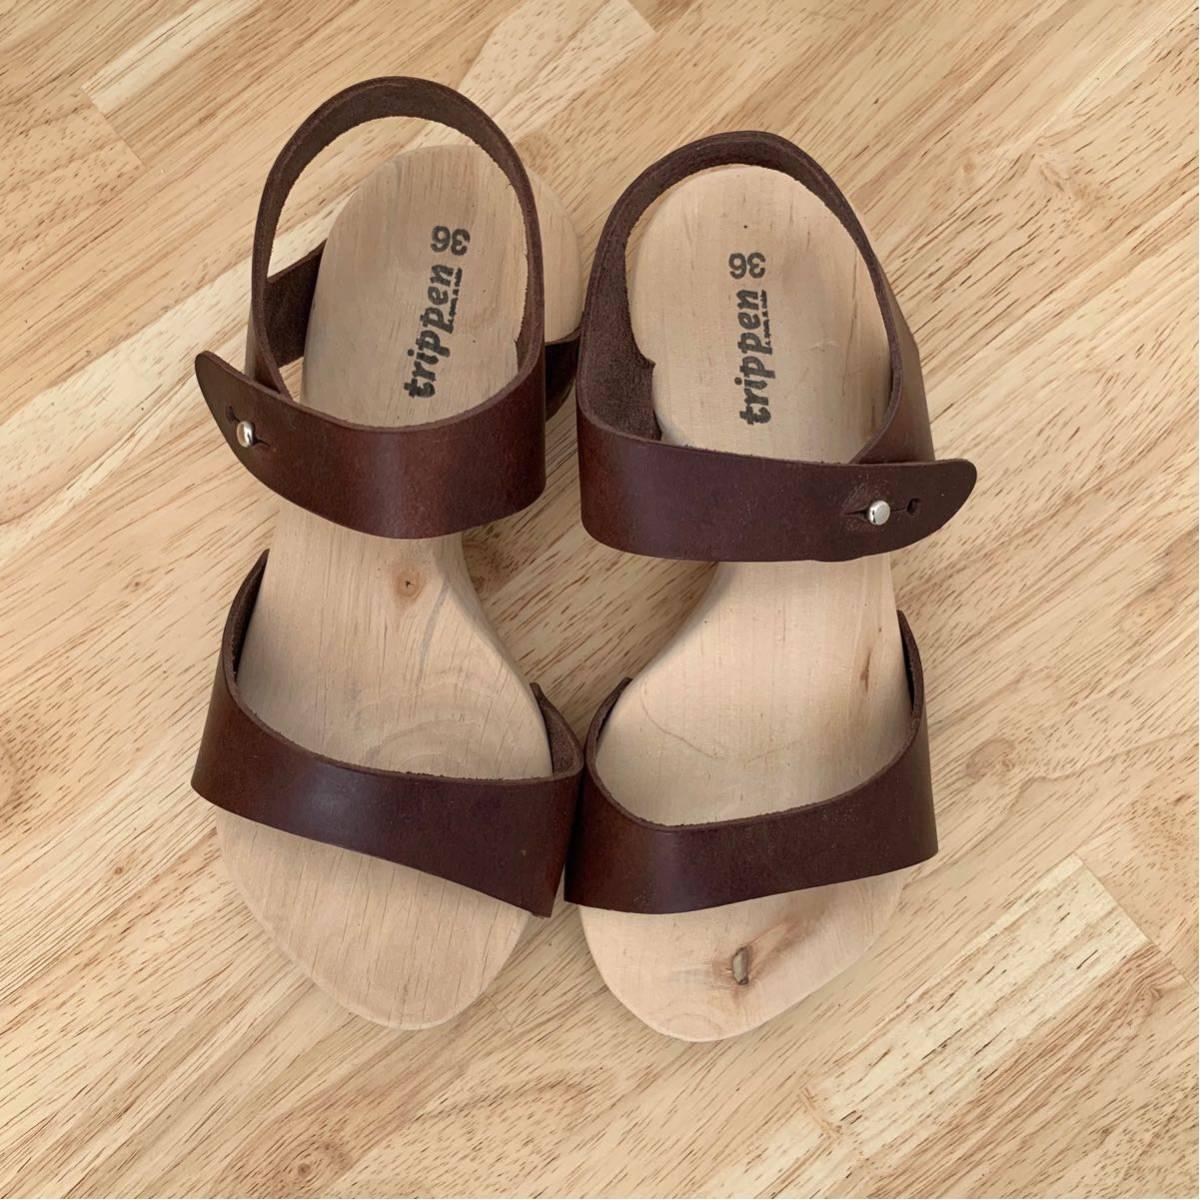 新品★trippen ウッド レザーサンダル joy ブラウン 36 ジョイ 茶色 トリッペン 靴 ドイツ_画像1